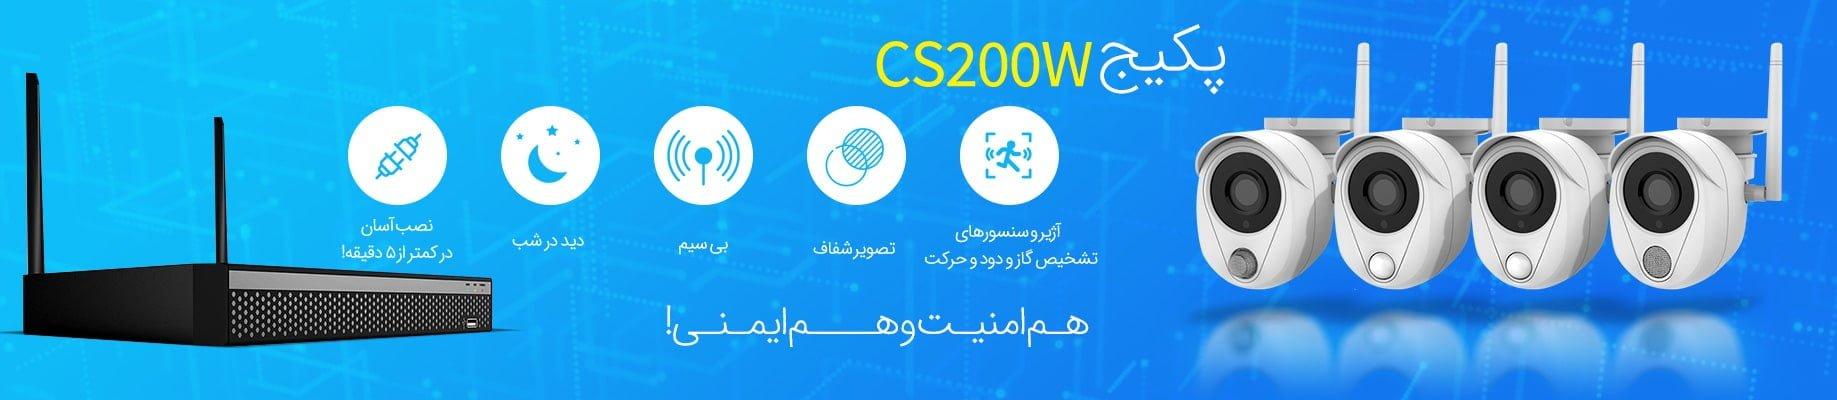 سیستم امنیتی هوشمند لانگسی مدل CS200W